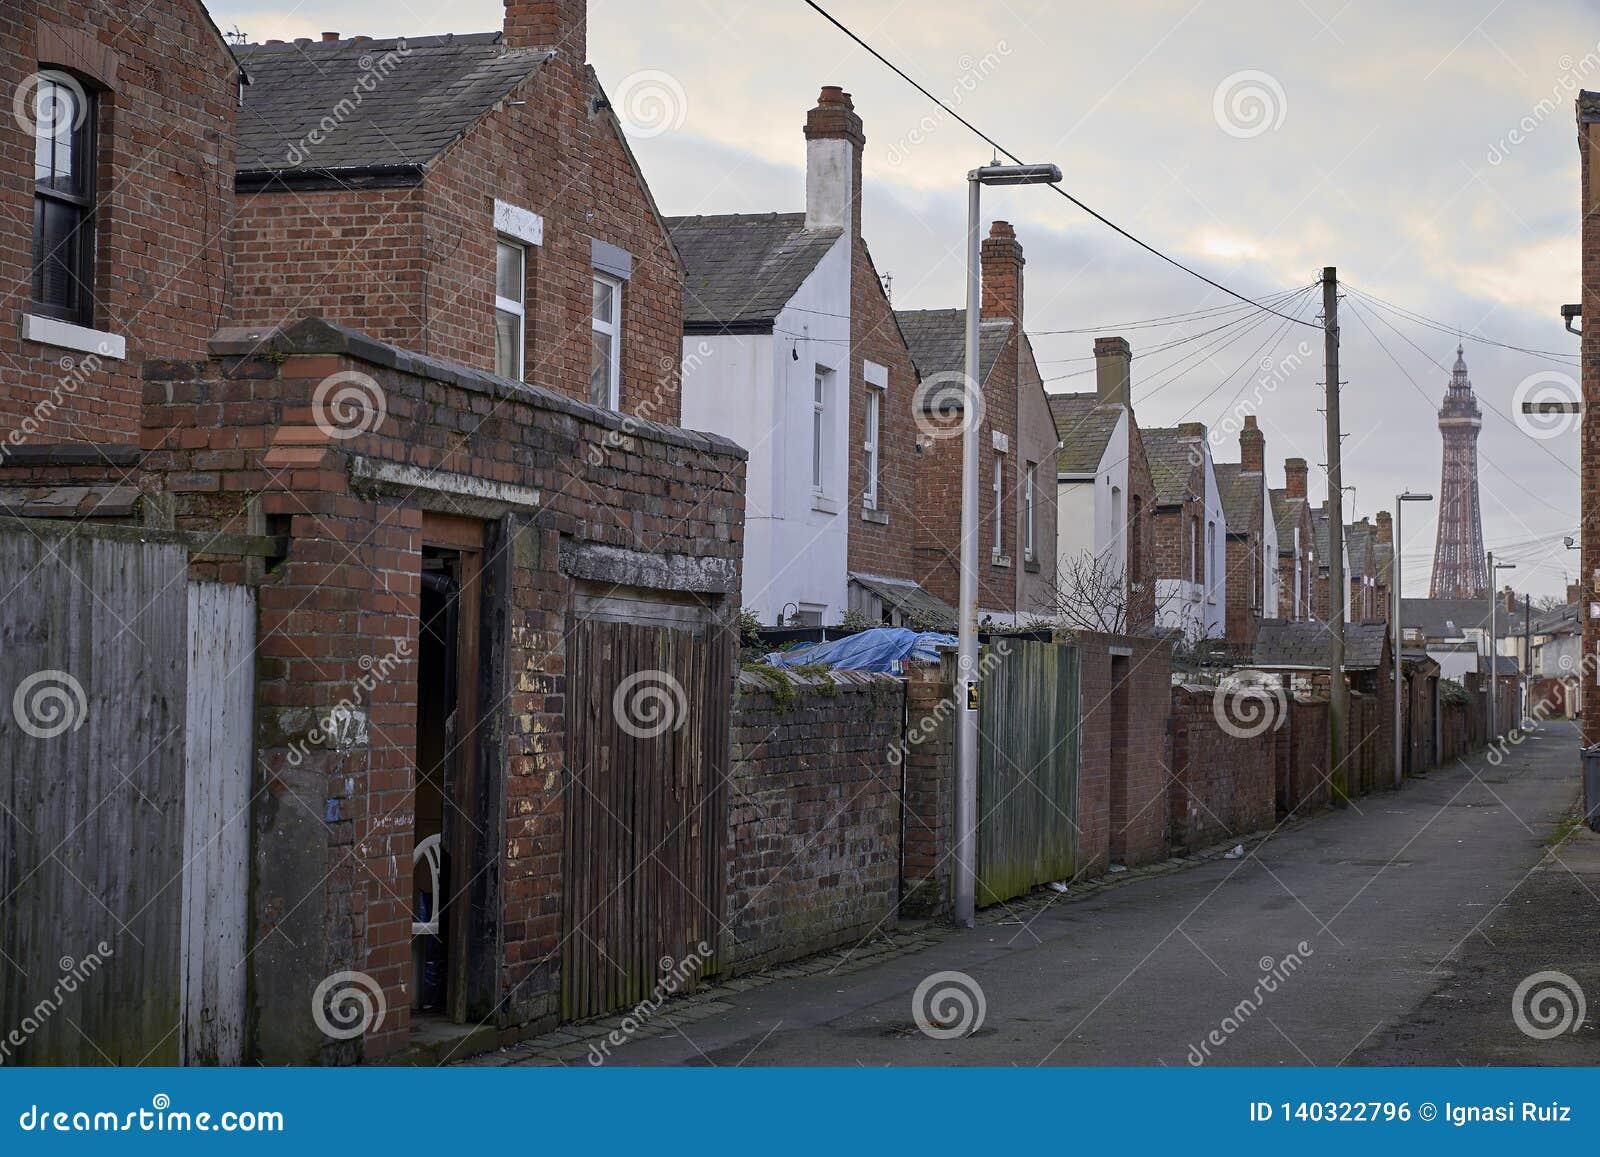 Casas inglesas típicas